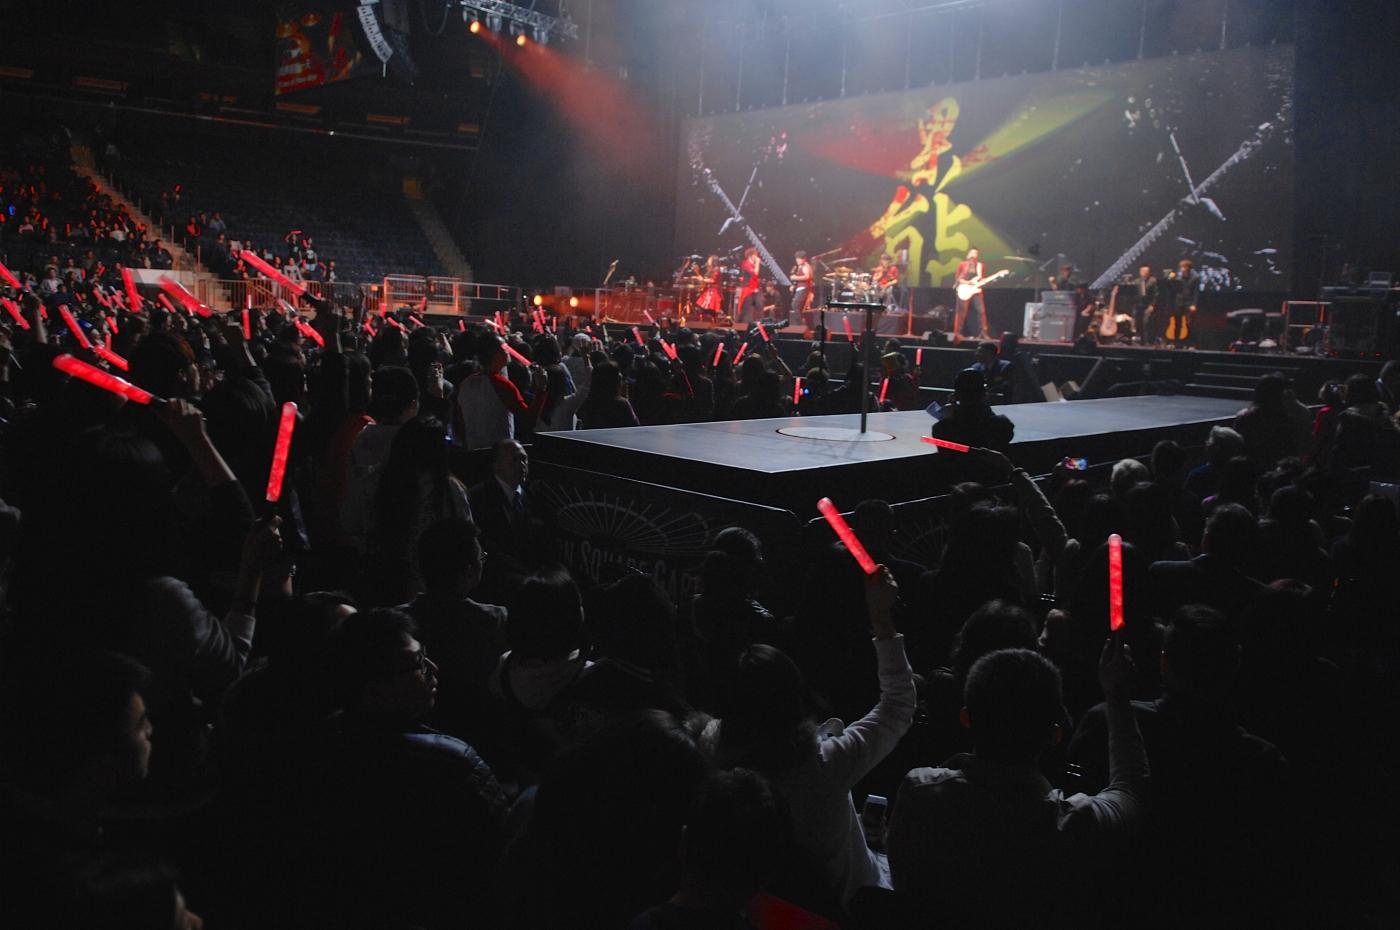 圖博-五月天今晚創造歷史, 引爆麥迪遜花園廣場Madison Square Garden-一萬多歌迷共同 ..._图1-4